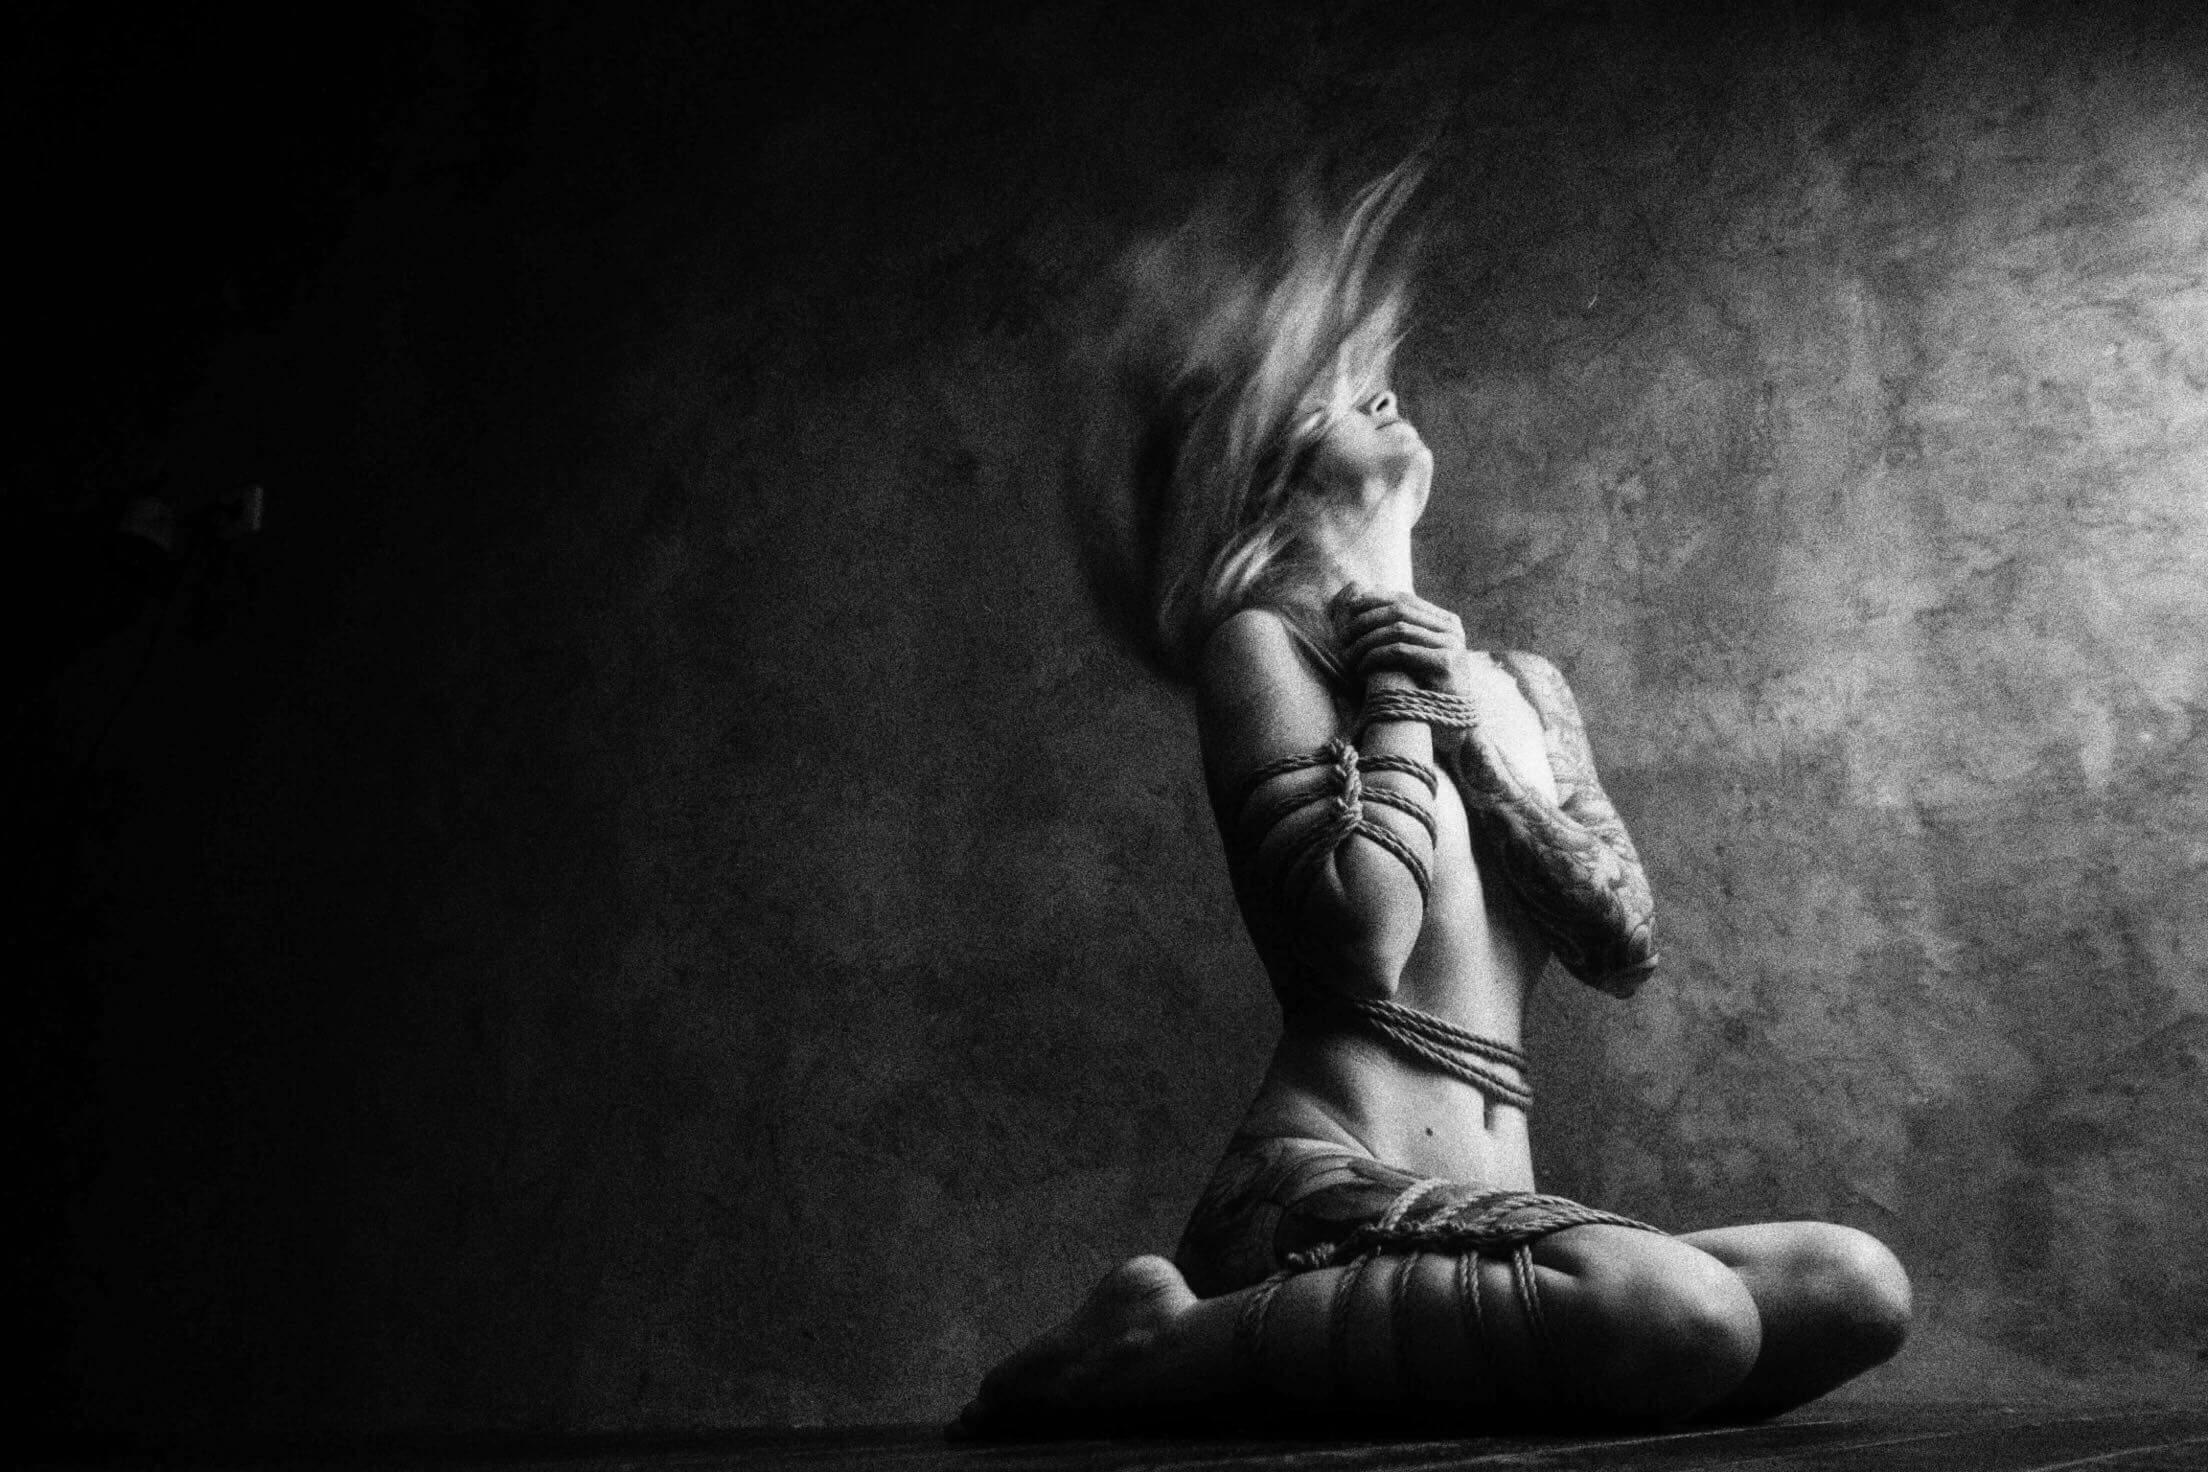 Muži túžia byť spútaní ženami – INTERVIEW s Joan von Brook, inštruktorkou japonských bondage workshopov